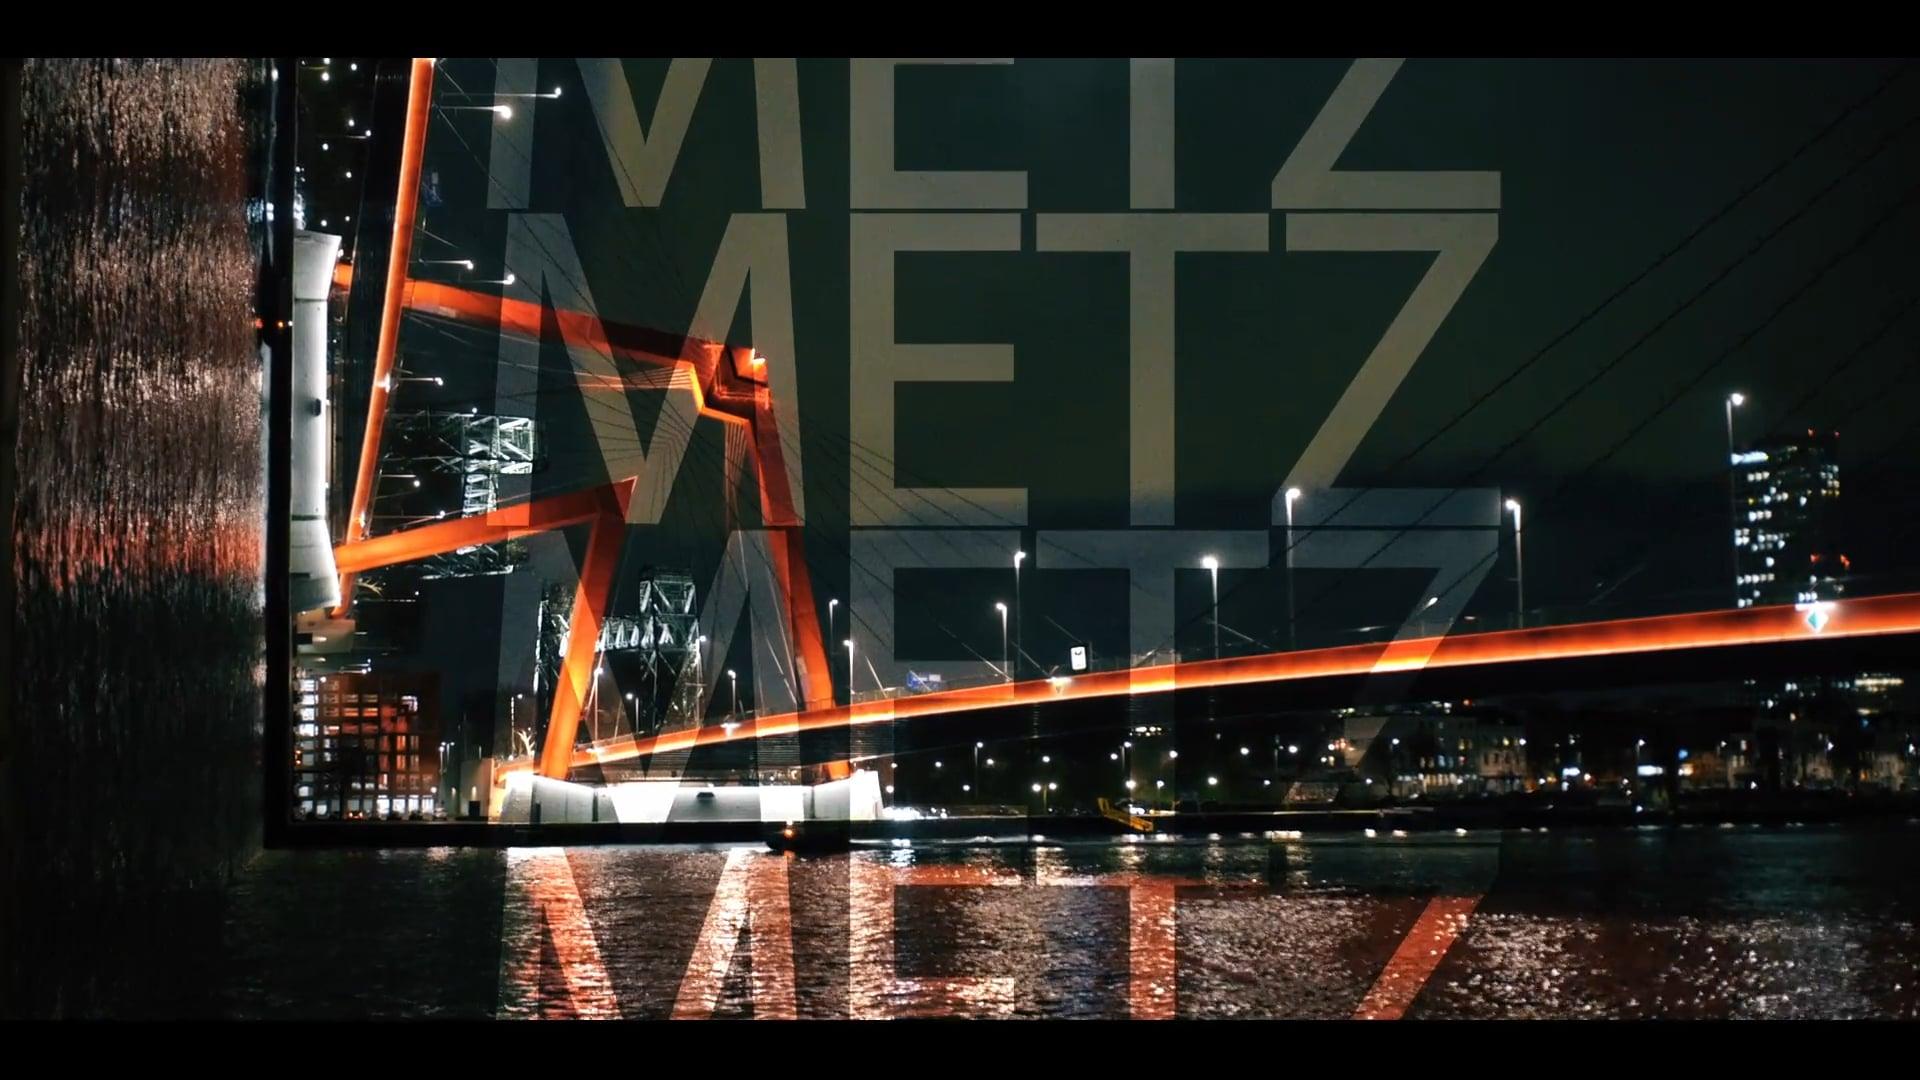 METZ 21 YEARS